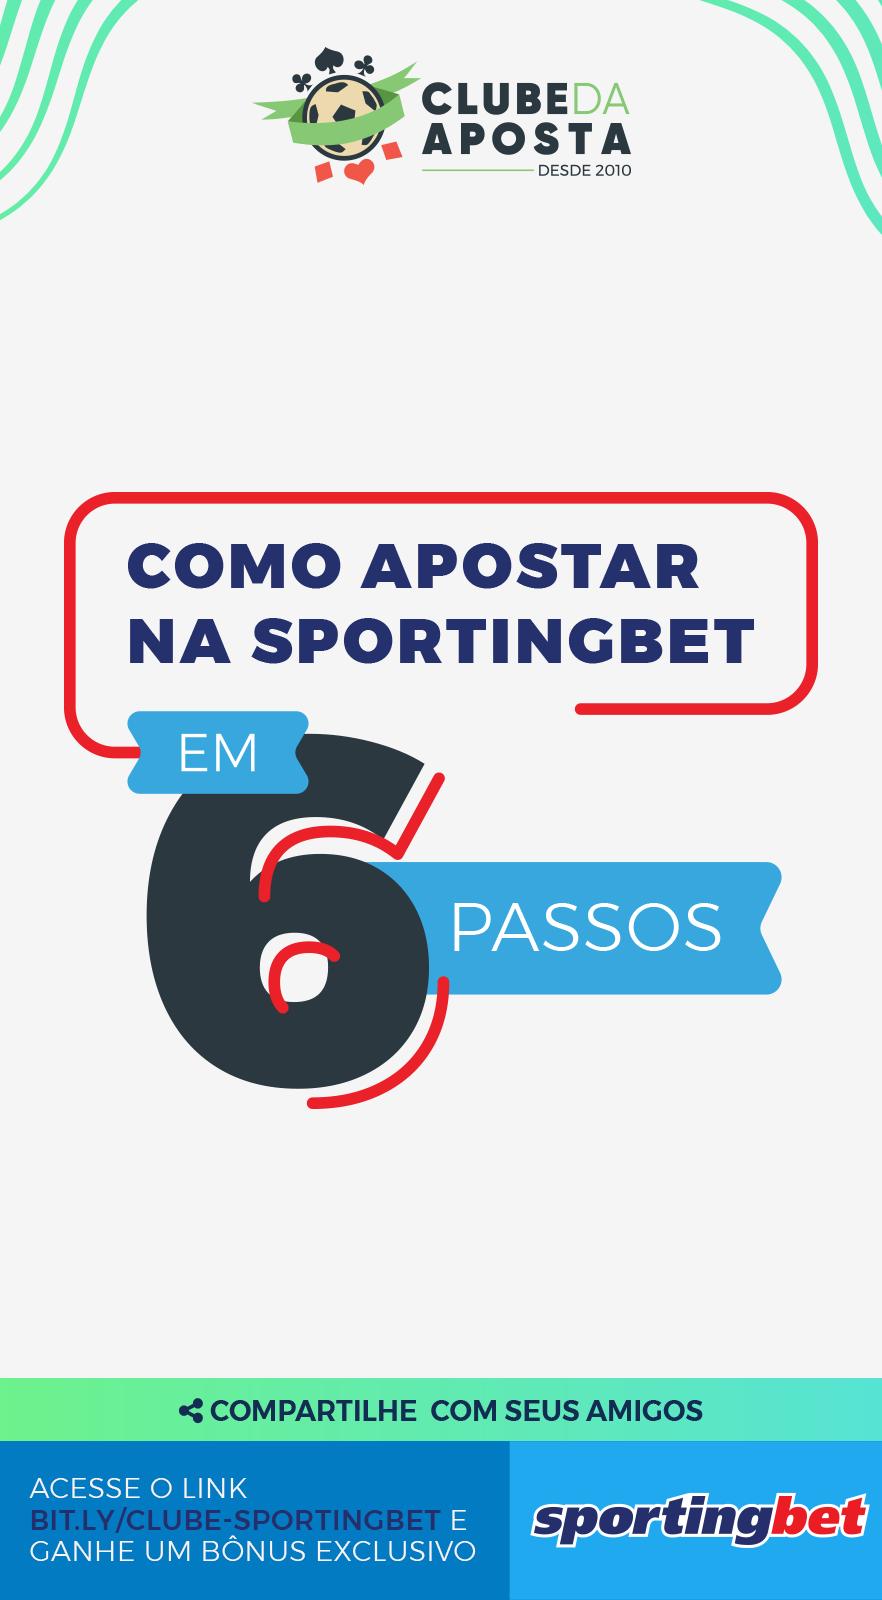 00-como-apostar-na-sportingbet-em-6-passos